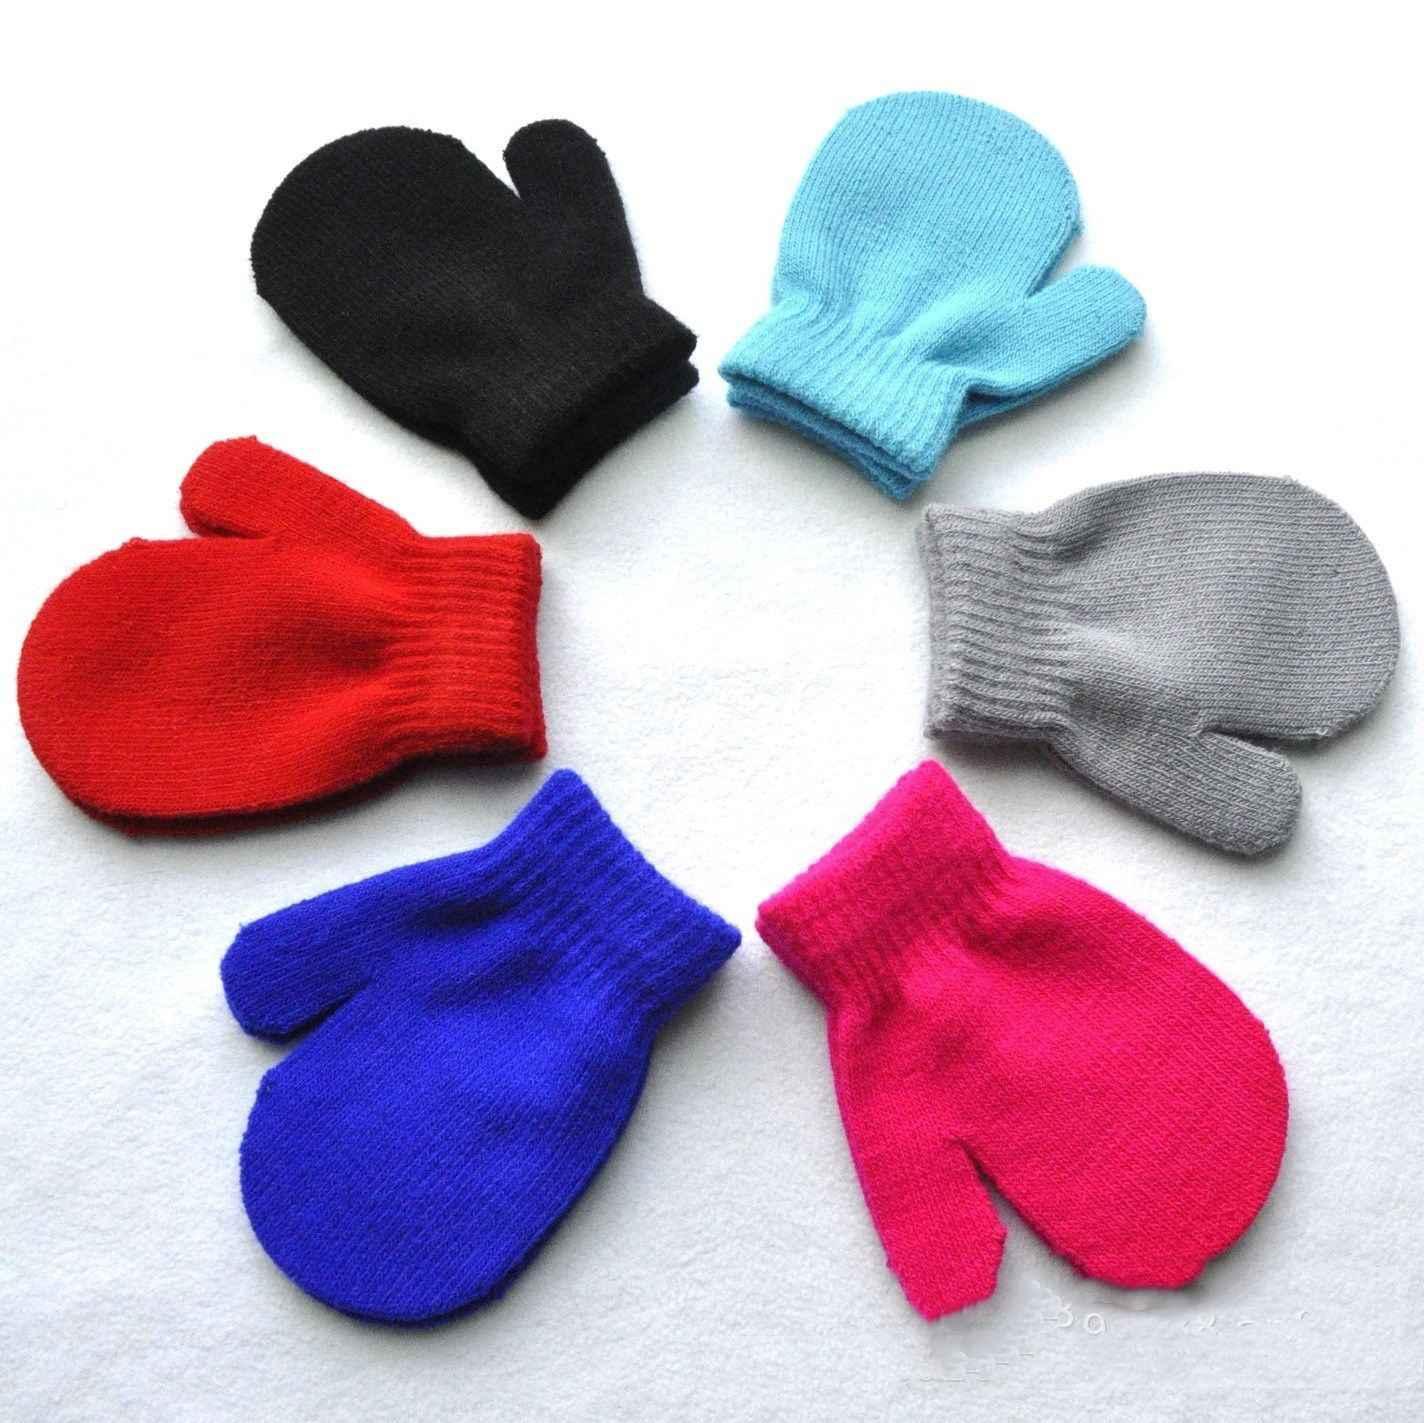 2019 החדש חם בייבי לפעוטות כפפות כפפות בני בנות מוצק חורף ילדים חם כפפות 7 צבעים